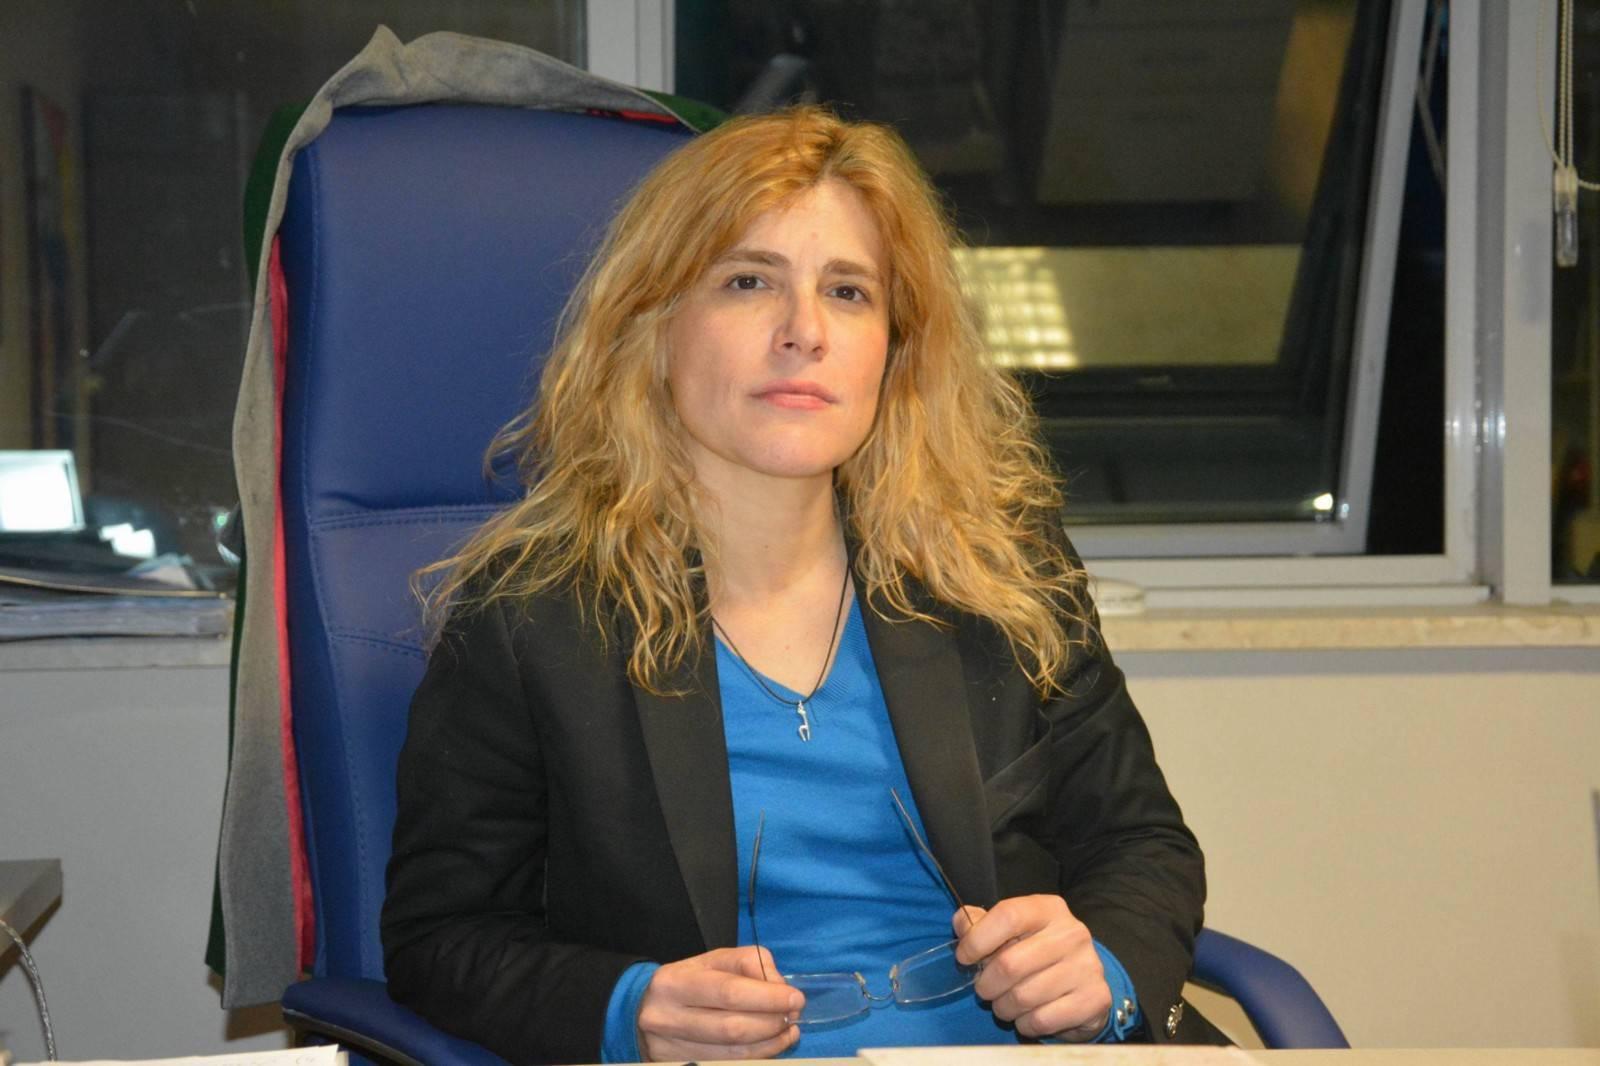 Doç.Dr. Öykü Didem Aydın Hacettepe Üniversitesi'nden istifa etti